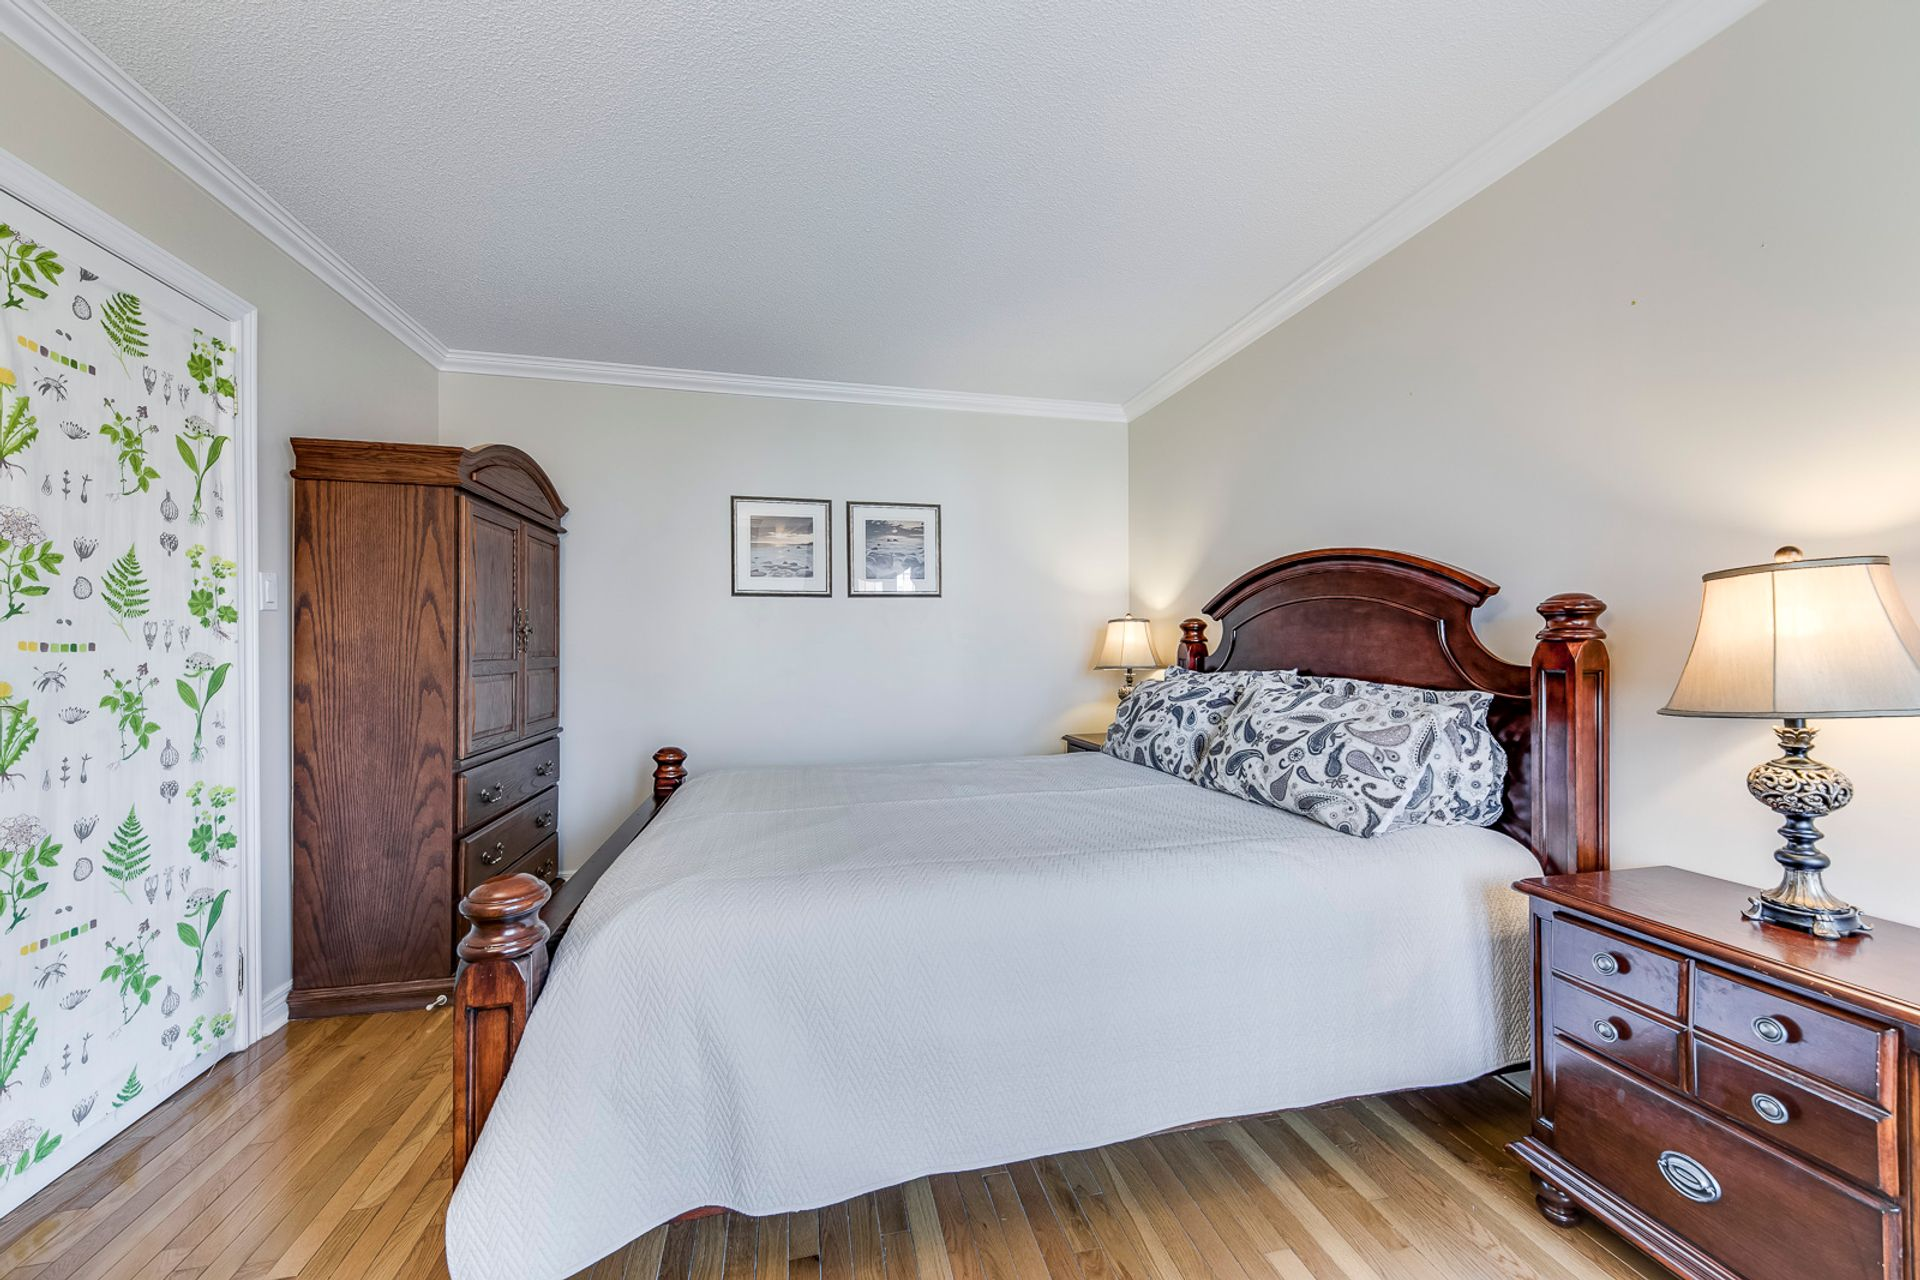 Living Room - 5156 Heatherleigh Ave, Mississauga - Elite3 & Team at 5156 Heatherleigh Avenue, East Credit, Mississauga